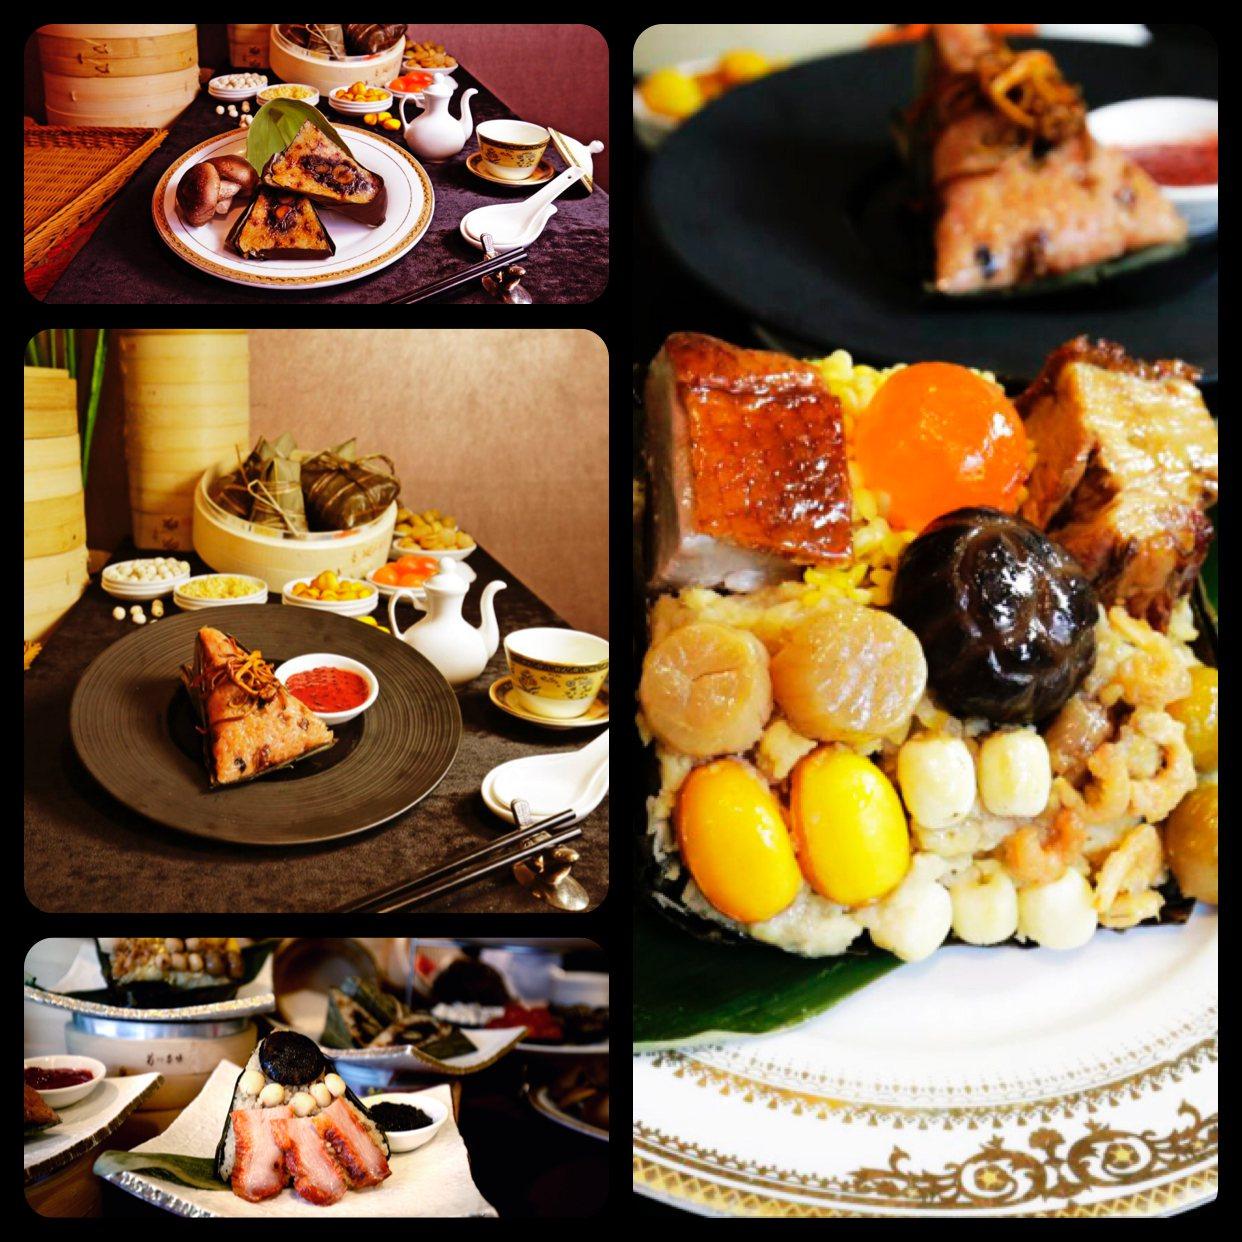 台南大億麗緻酒店推出熱賣招牌「港式裹蒸粽」共4款風味粽。圖/大億麗緻提供